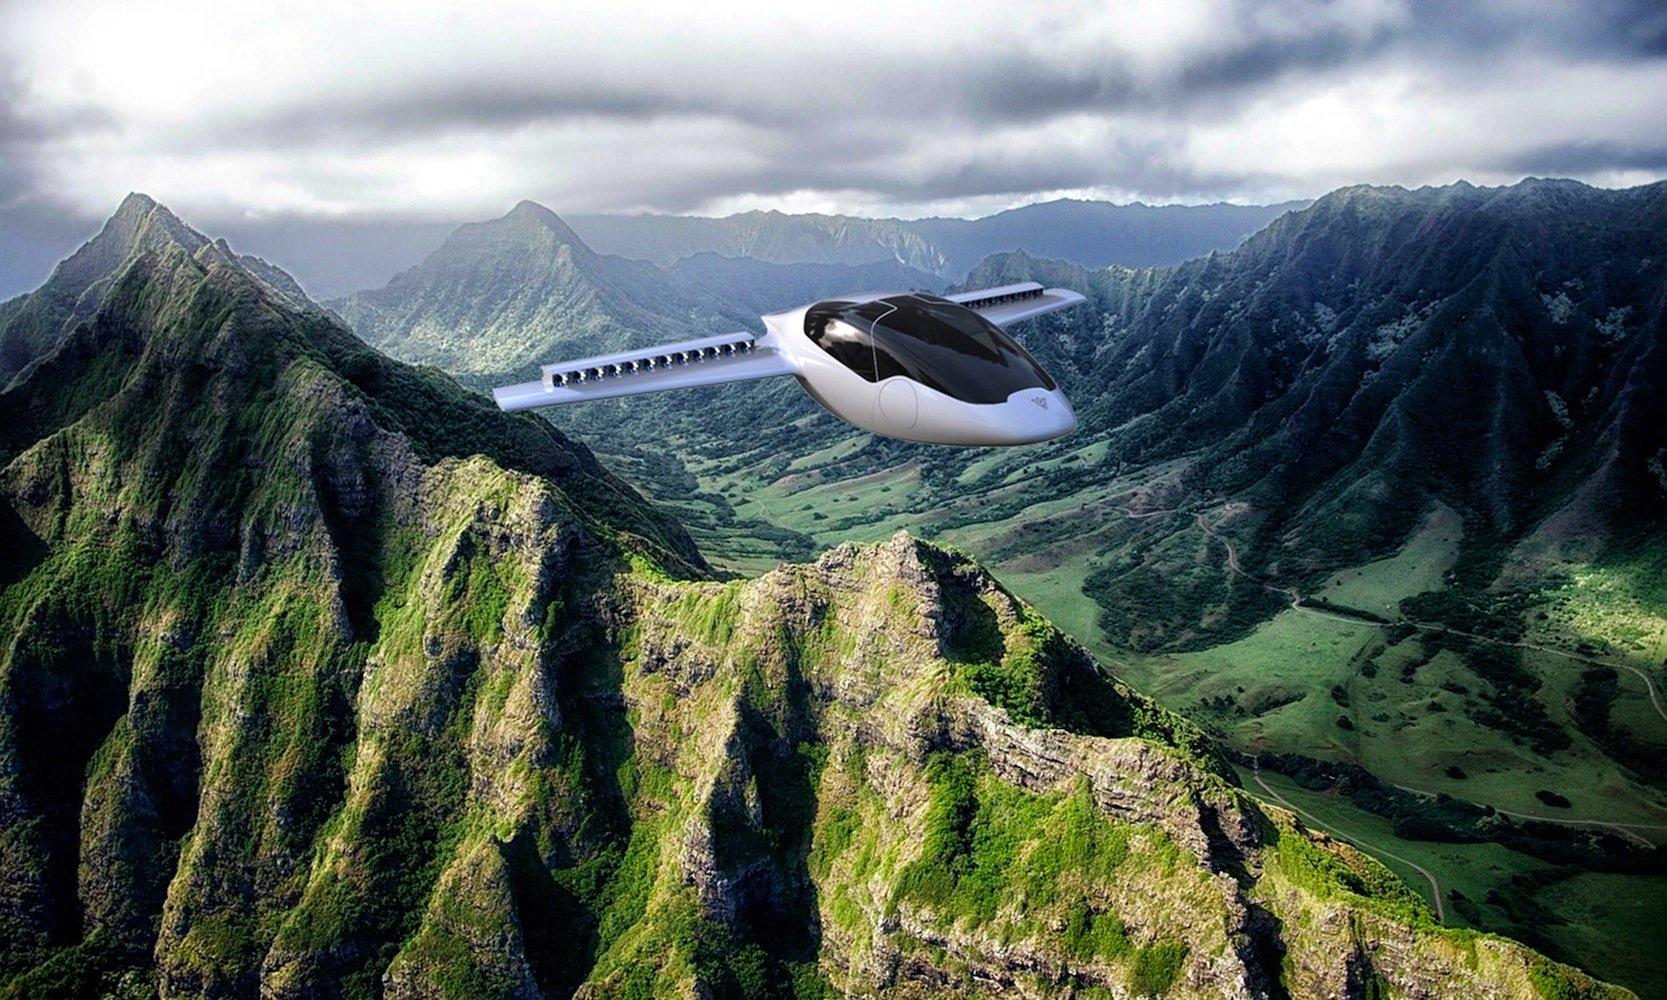 Lilium-Jet über einer Bergkette:Angetrieben wird das Fluggerät von zwölf Elektroturbinen auf jedem Flügel.